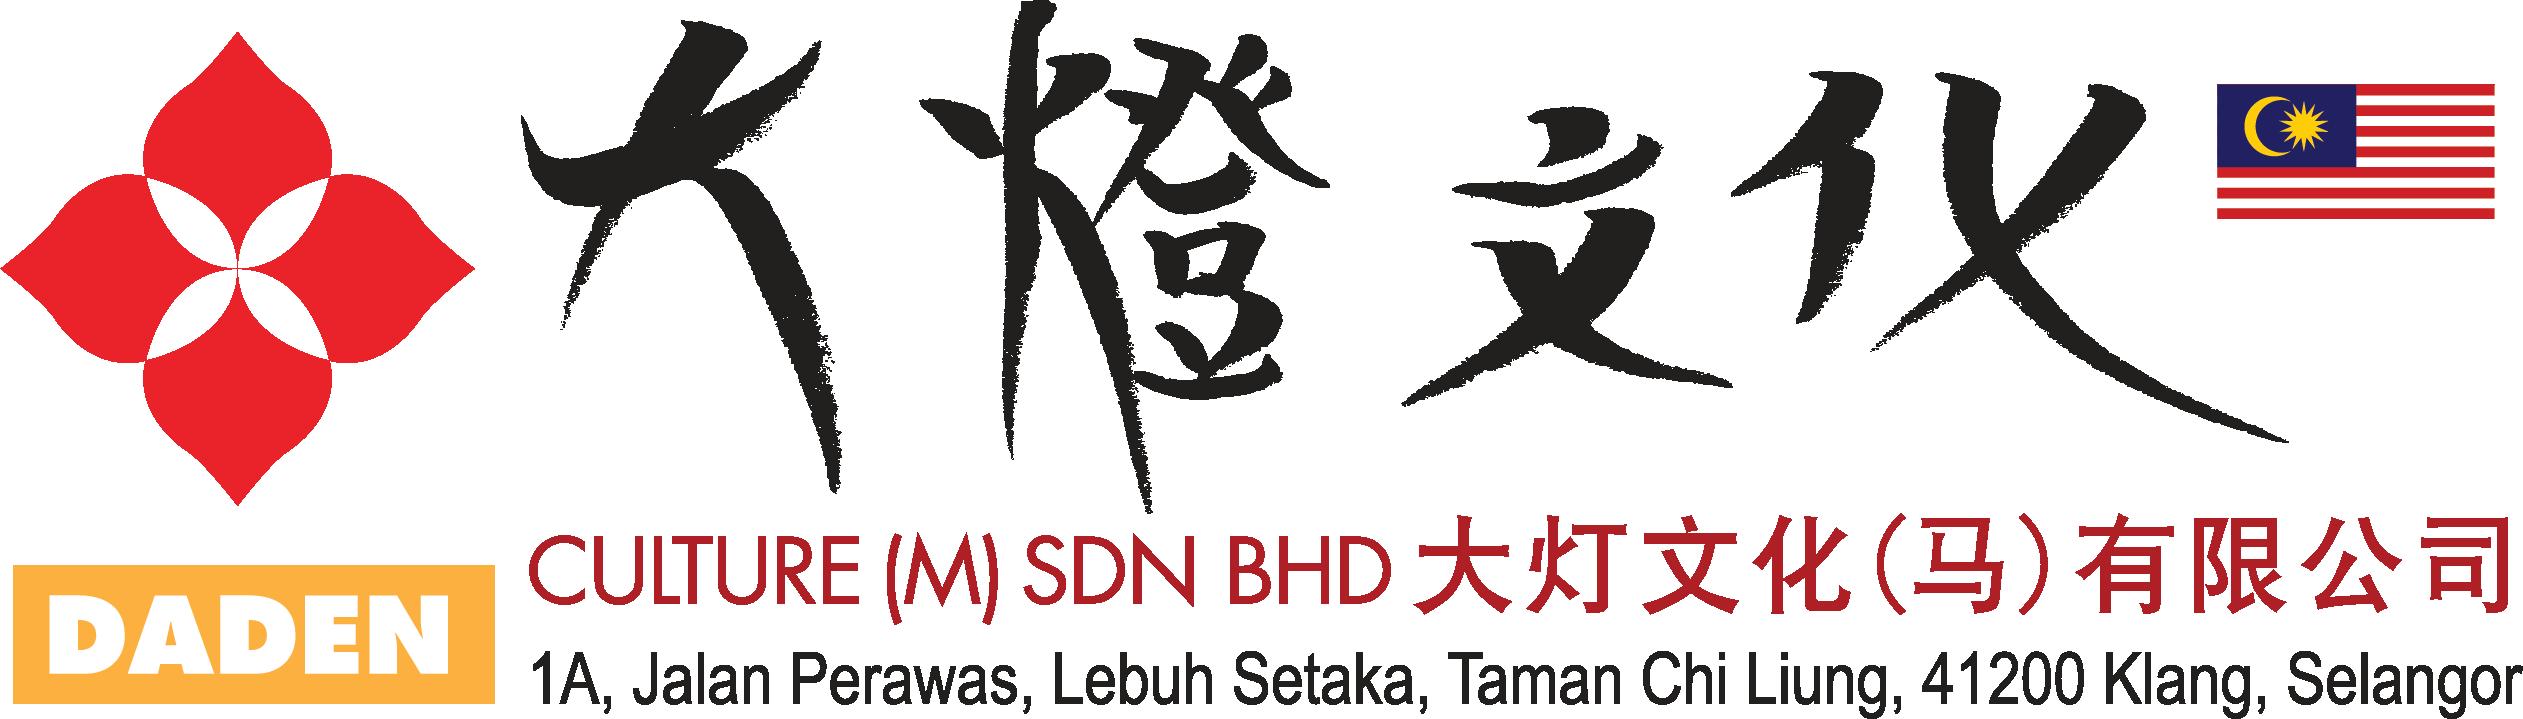 马来西亚大灯文化 Daden Malaysia